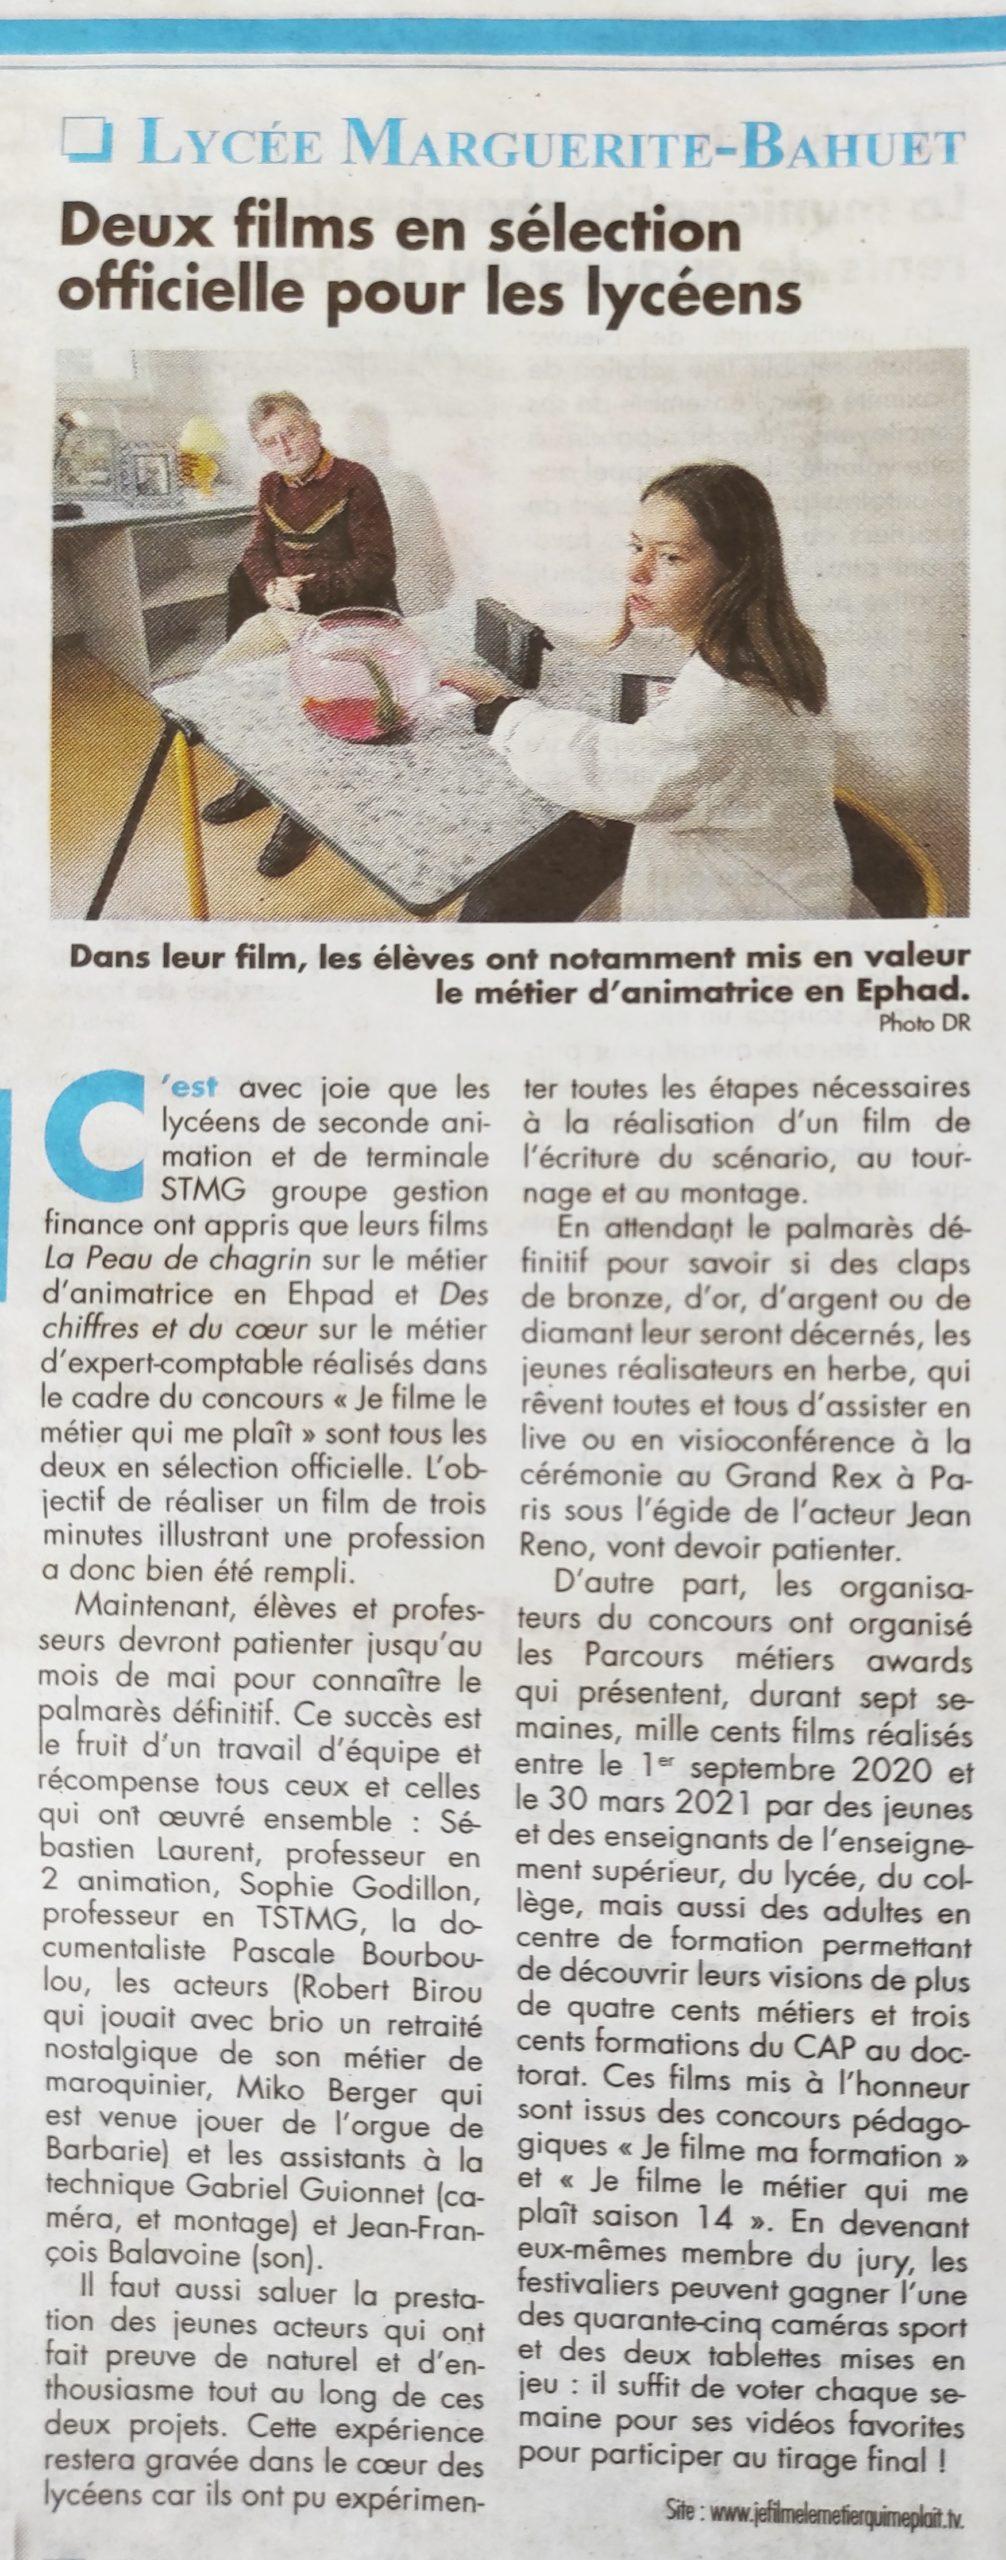 La Vie Corrézienne - 22/04/2021